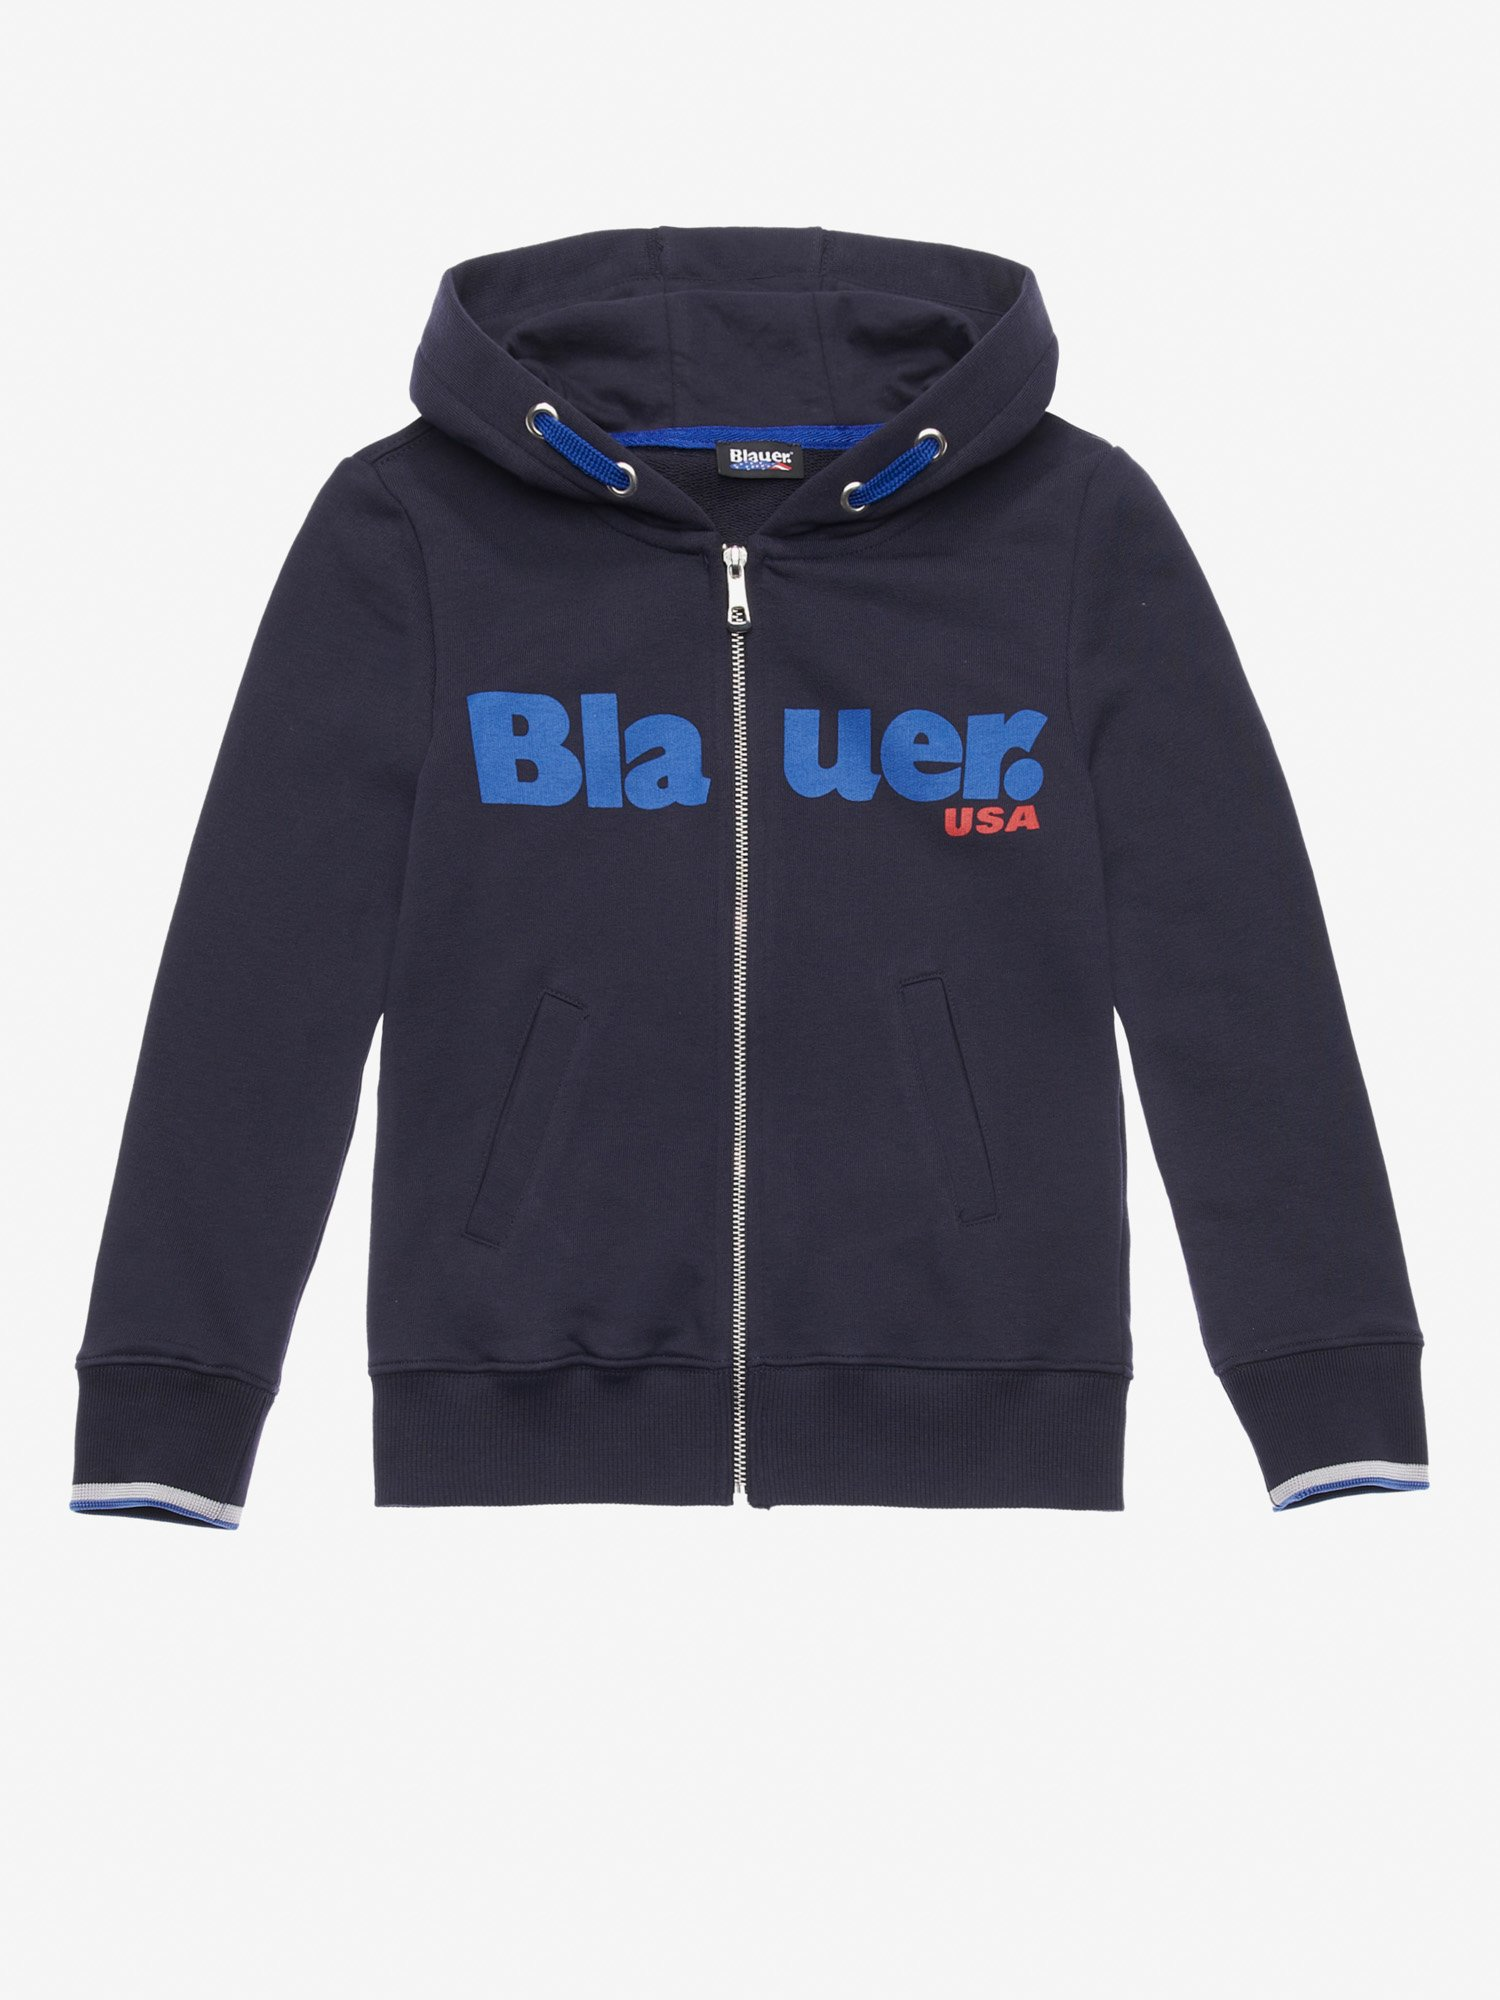 Blauer Usa Daunenjacke mit Kapuze in Dunkelblau online